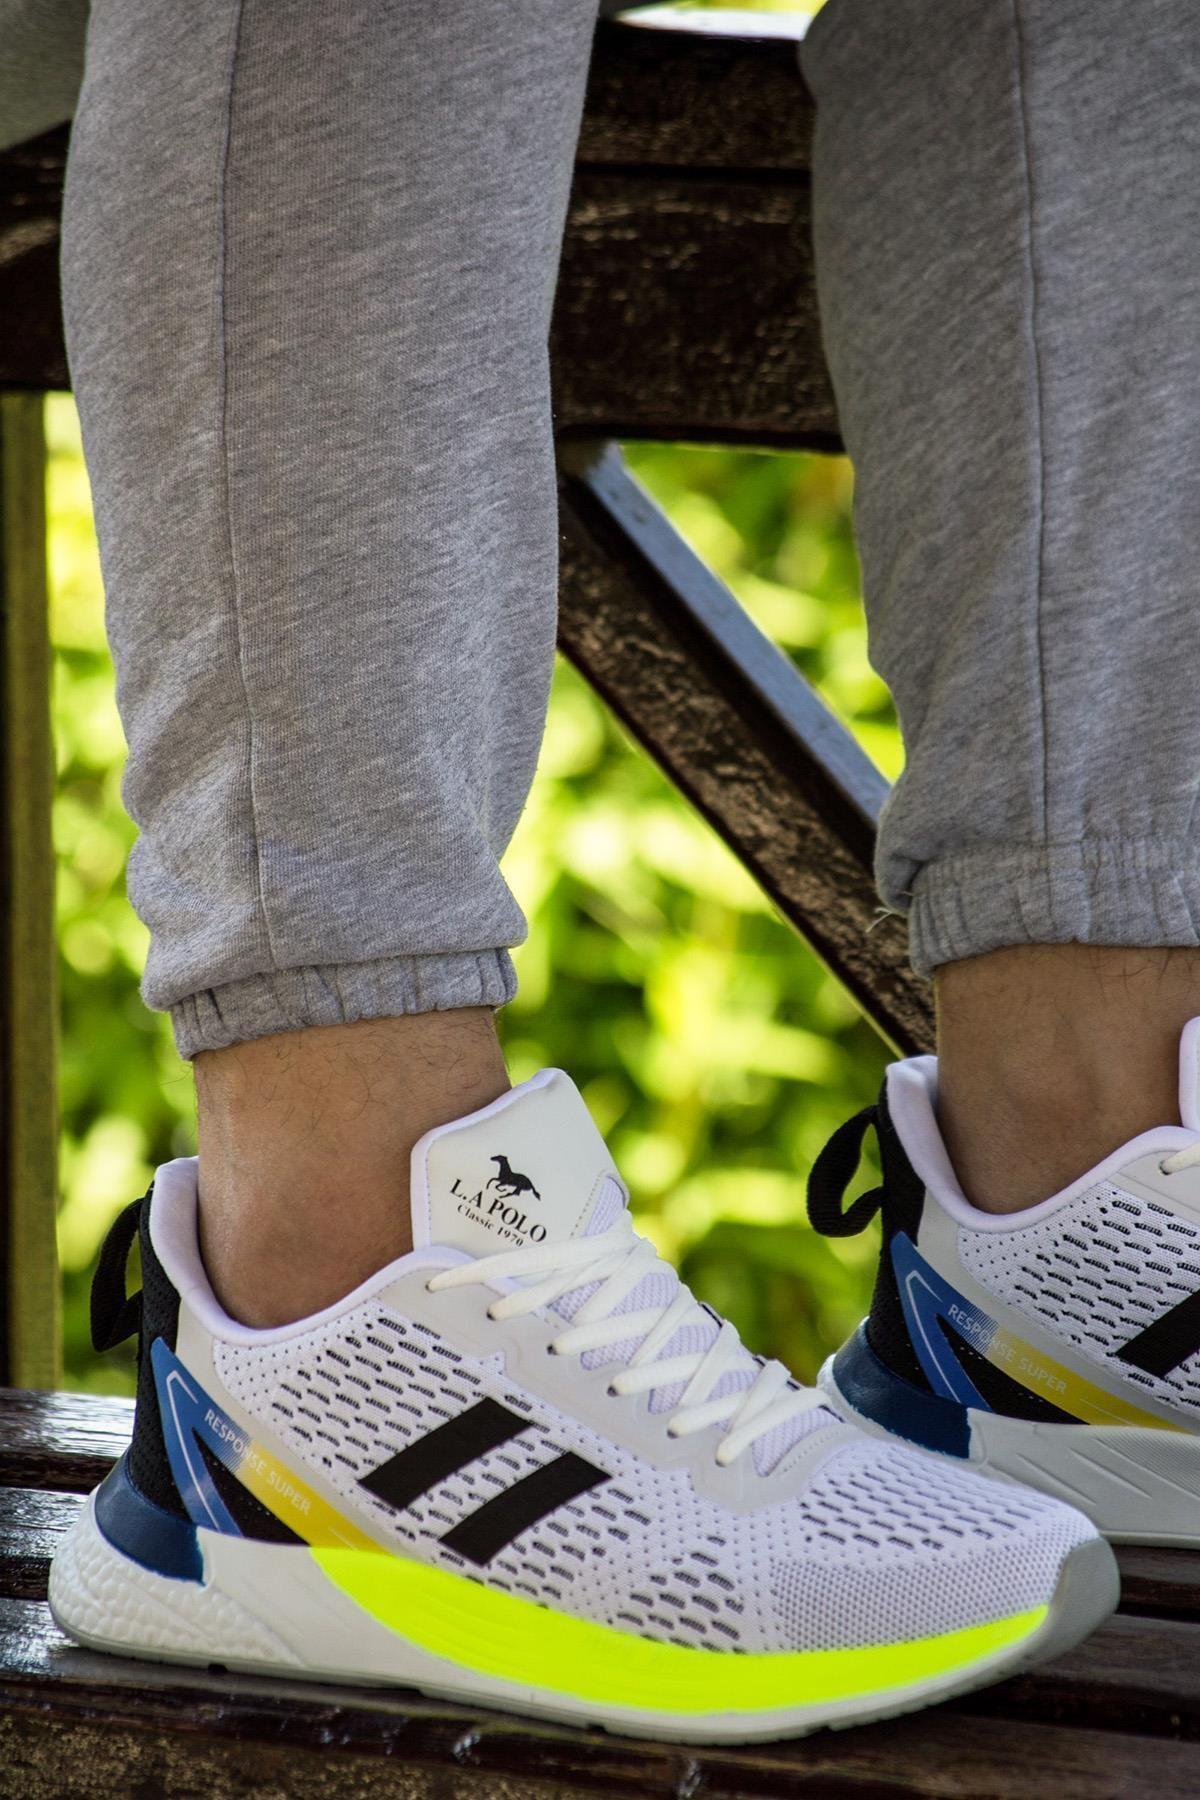 1103 Beyaz Sarı Unisex Spor Ayakkabı